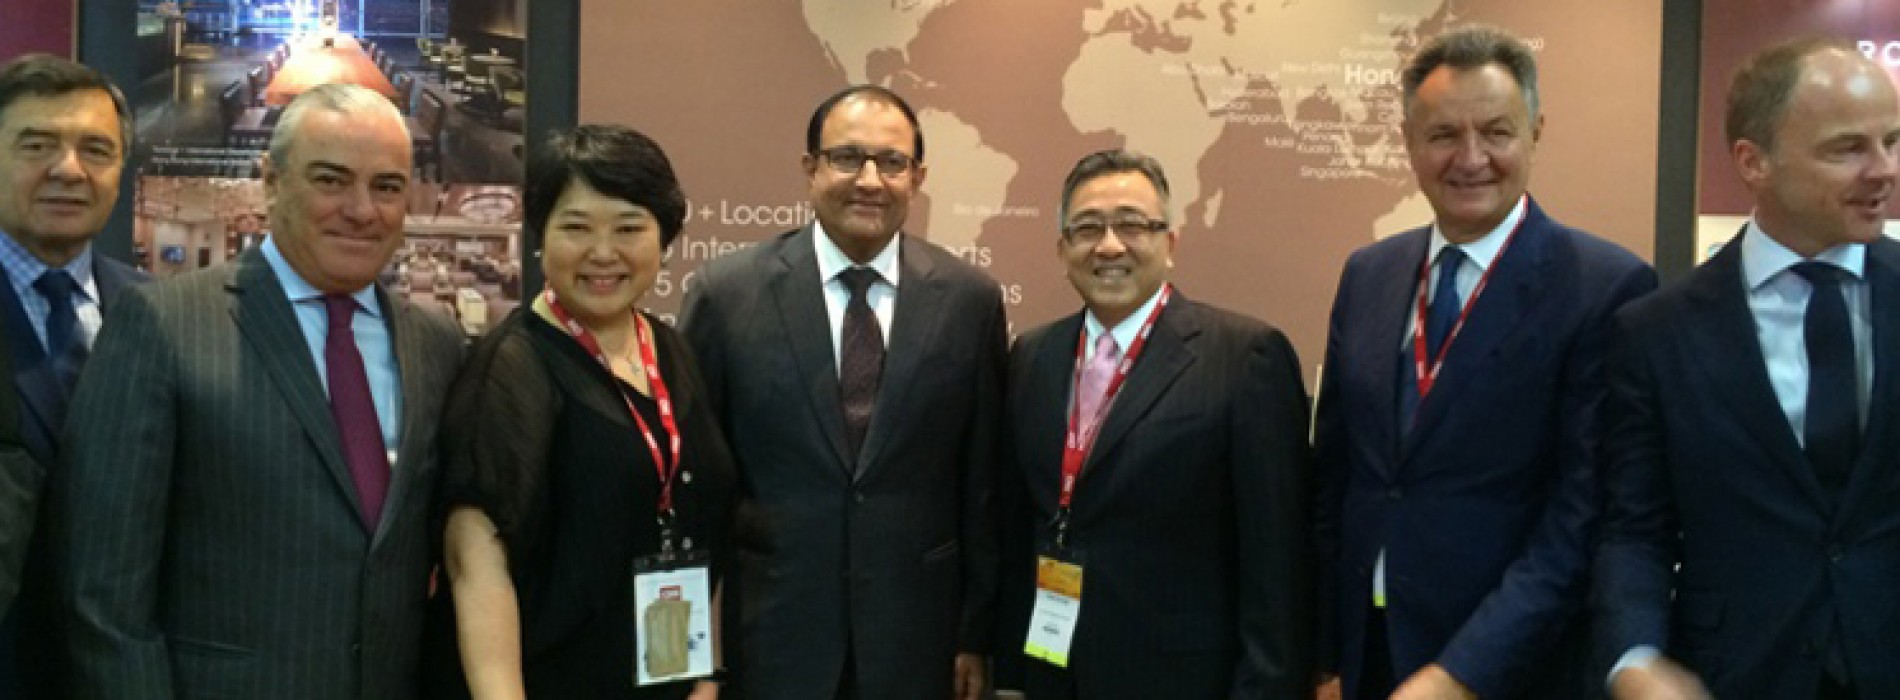 Plaza Premium Group announces Global Expansion Plan